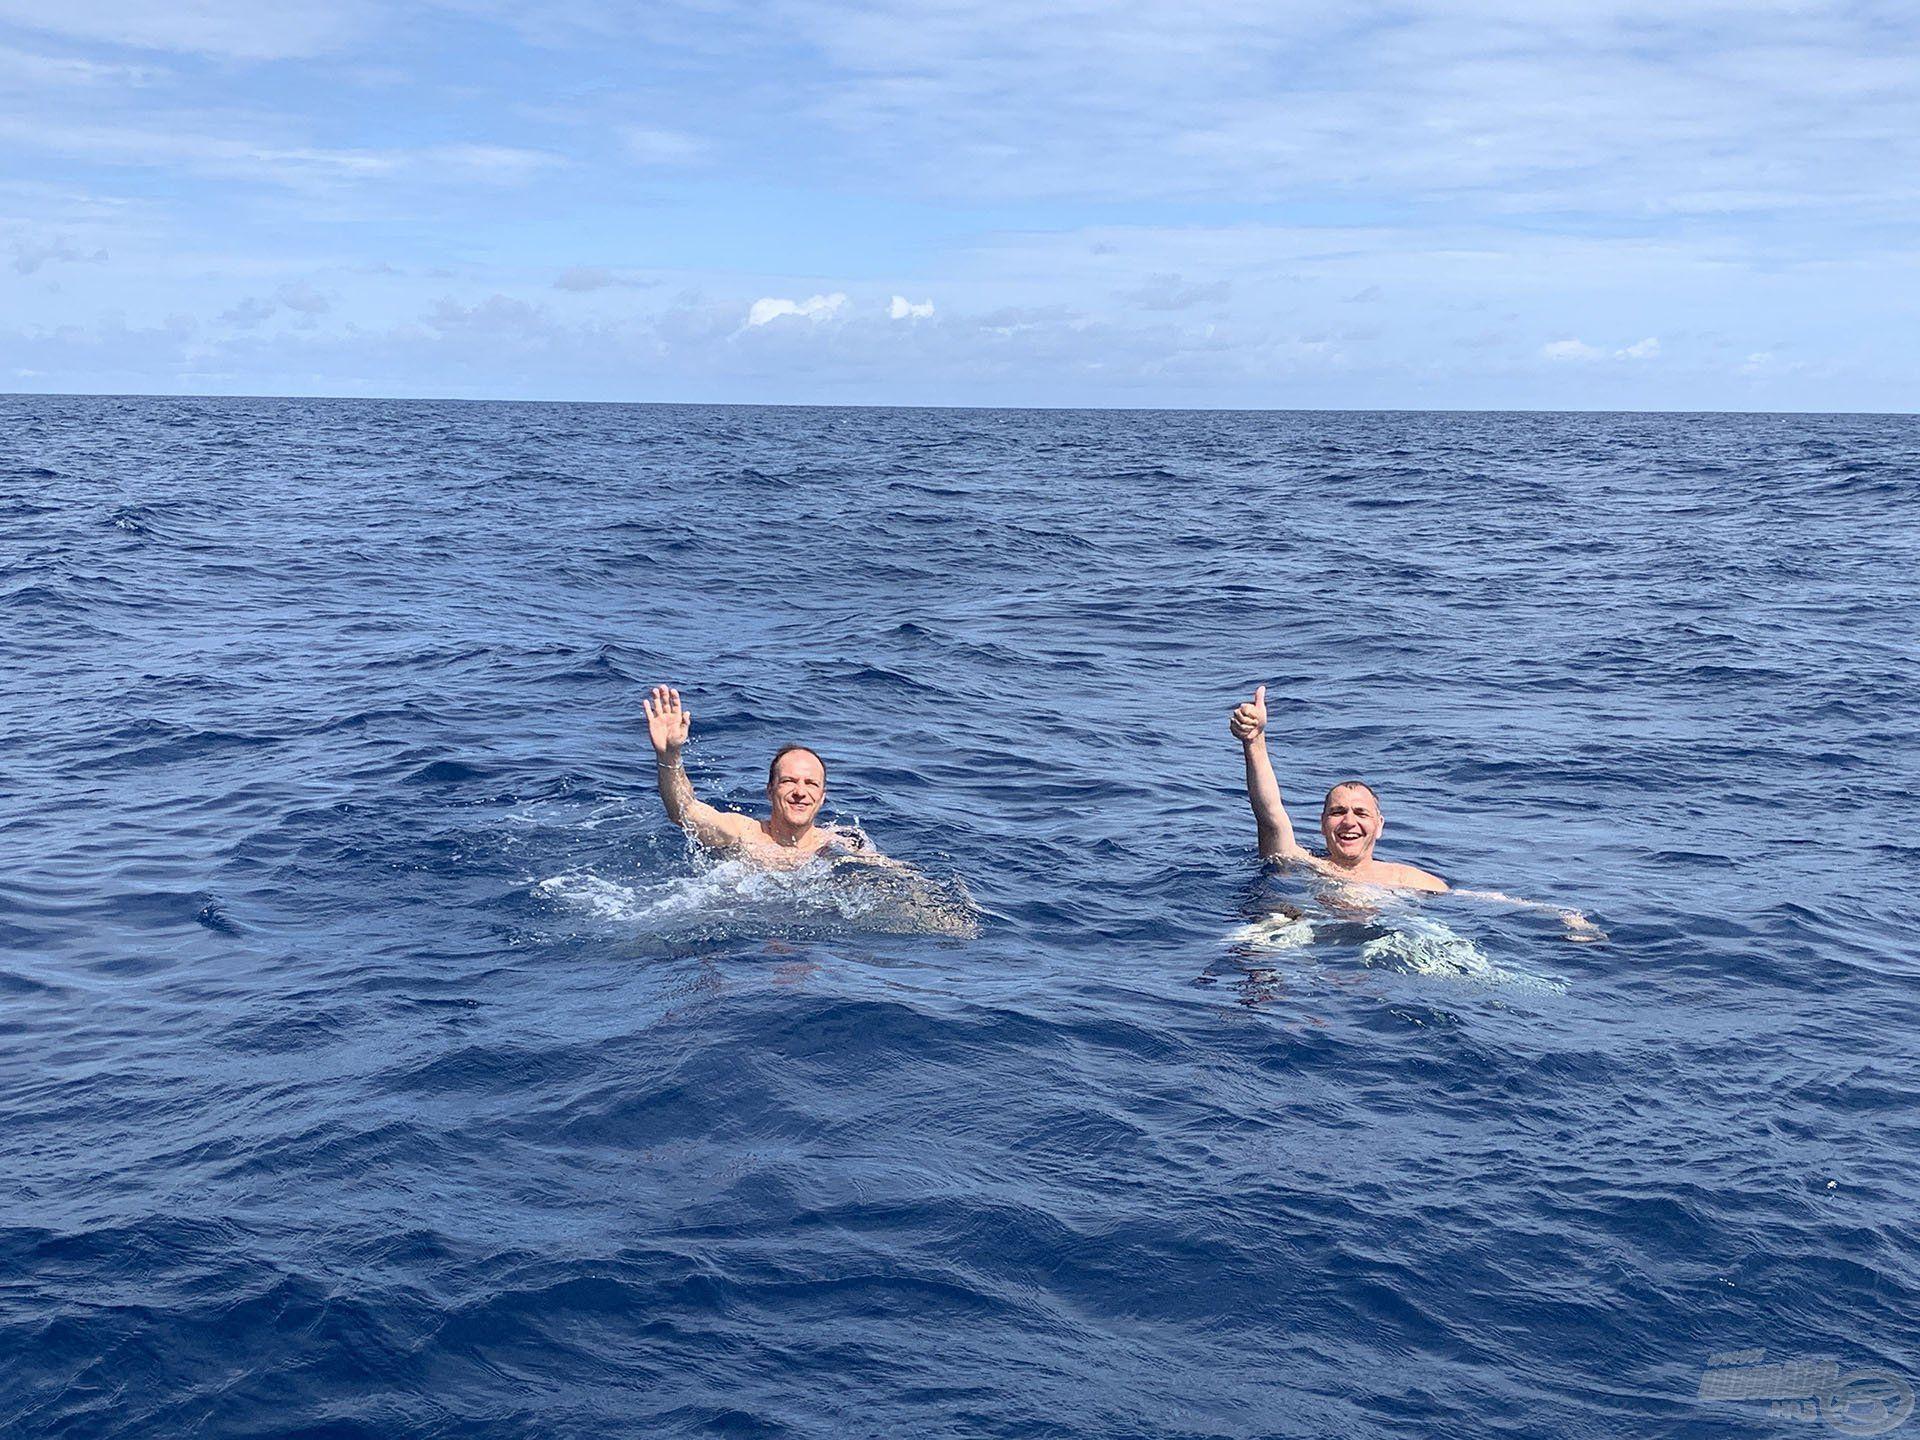 A cápatámadás után már senki sem akart lubickolni a nyílt óceánban…